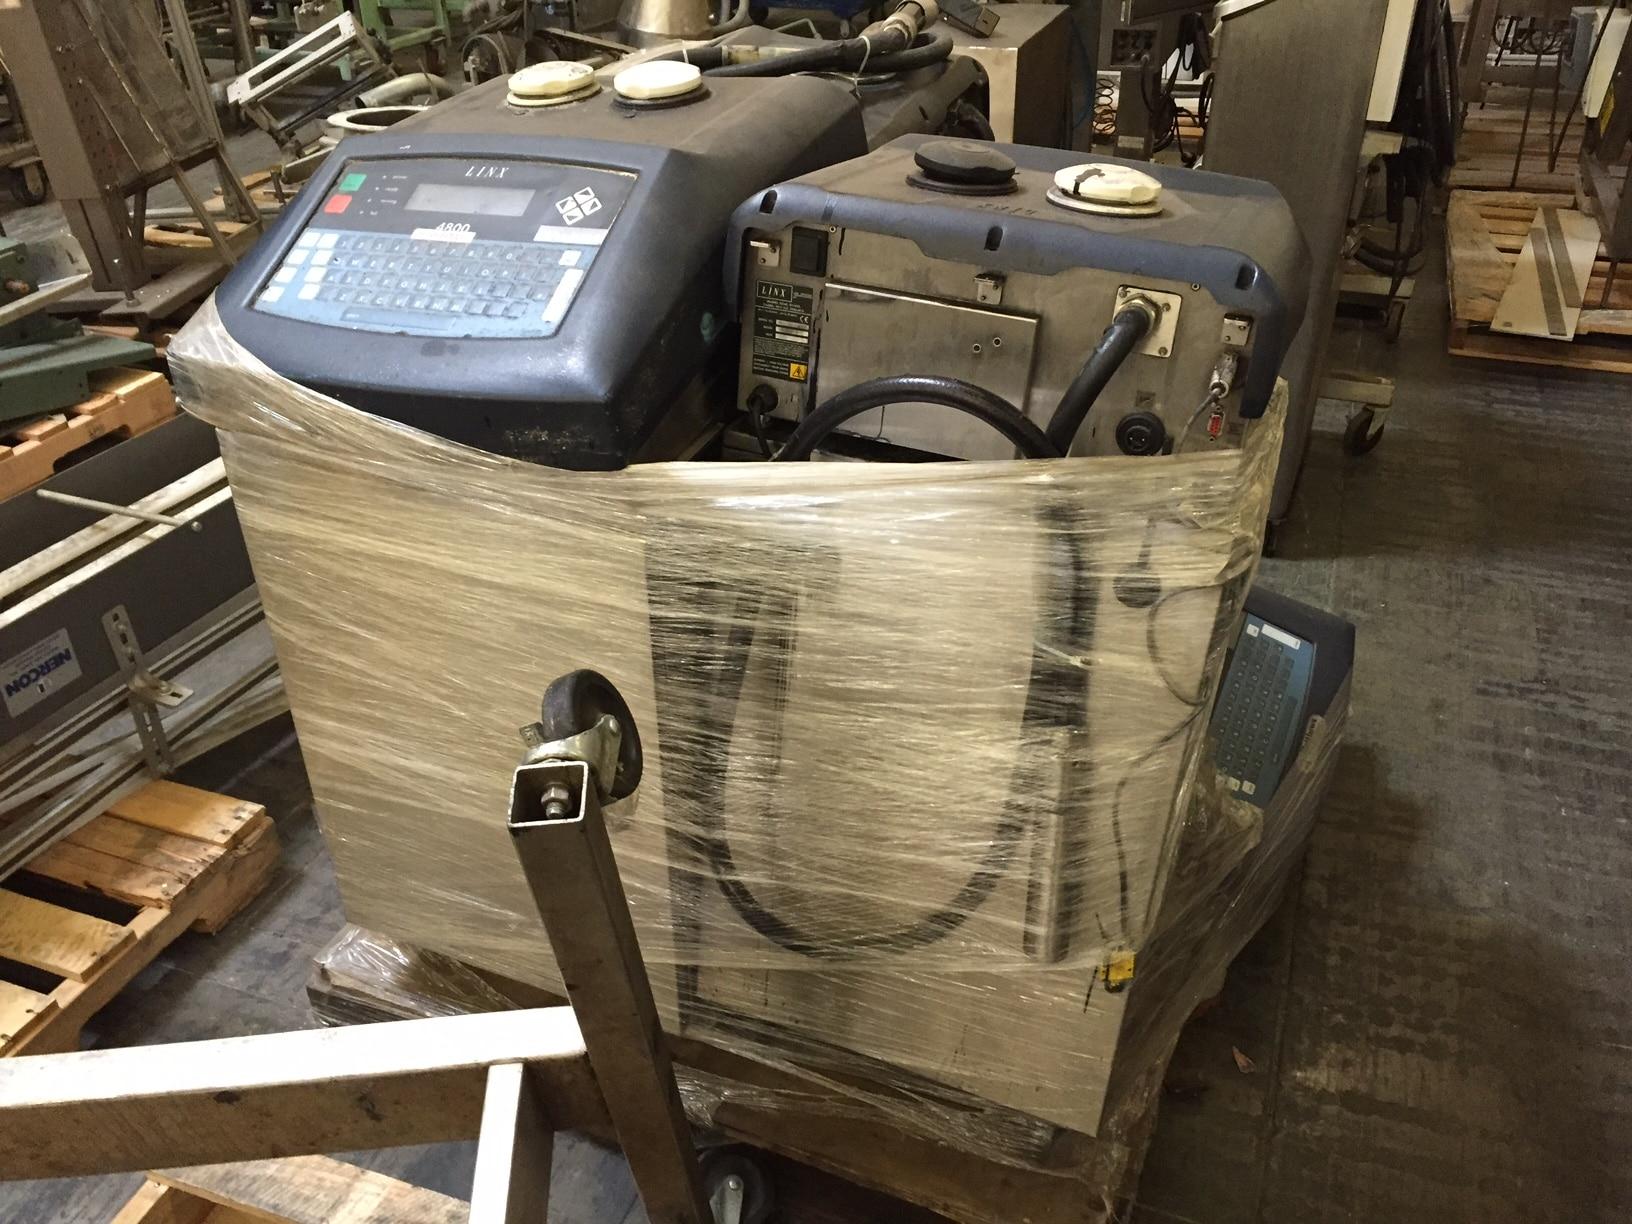 Linx-4800-High-Speed-Ink-Jet-Printers.jpg